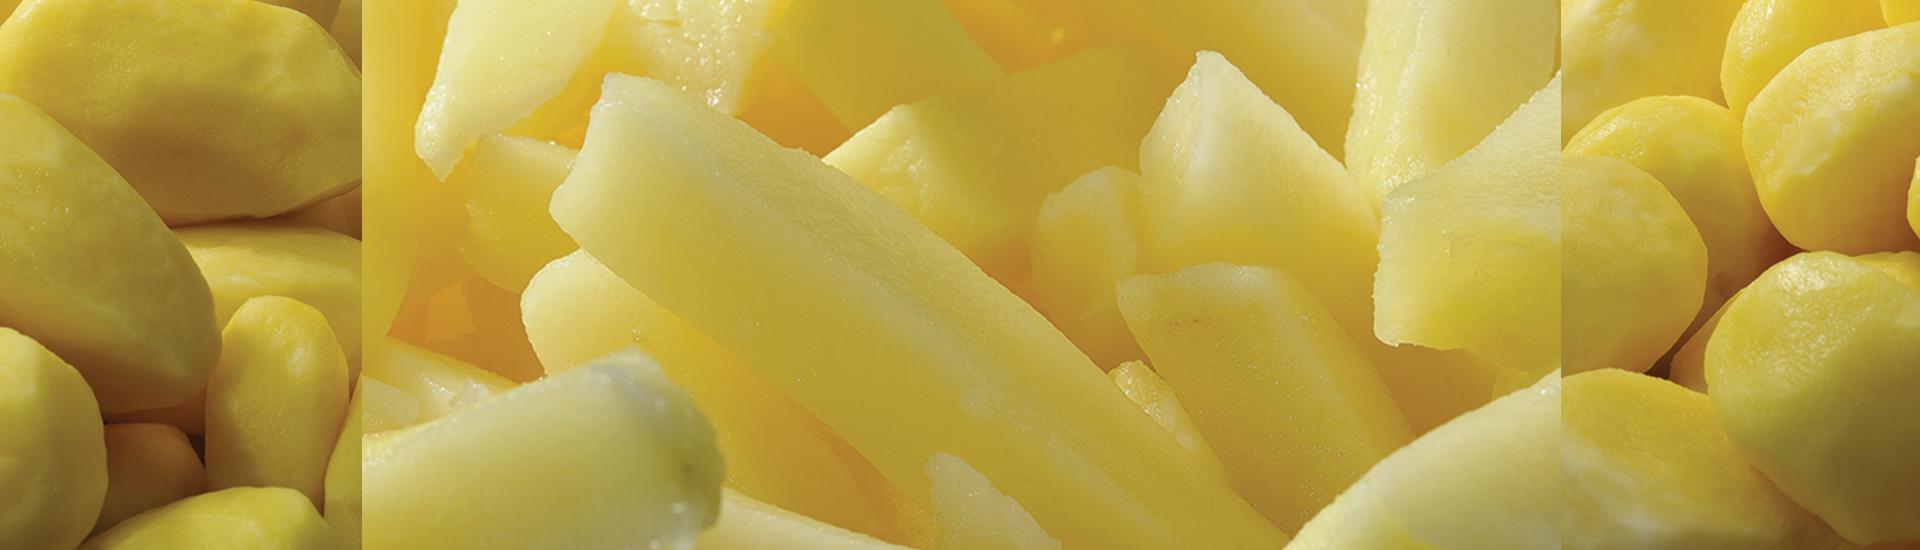 pommes de terre crues, pommes de terre entières, pommes de terre pelées, frites fraiches, légumes de 4ème gammes